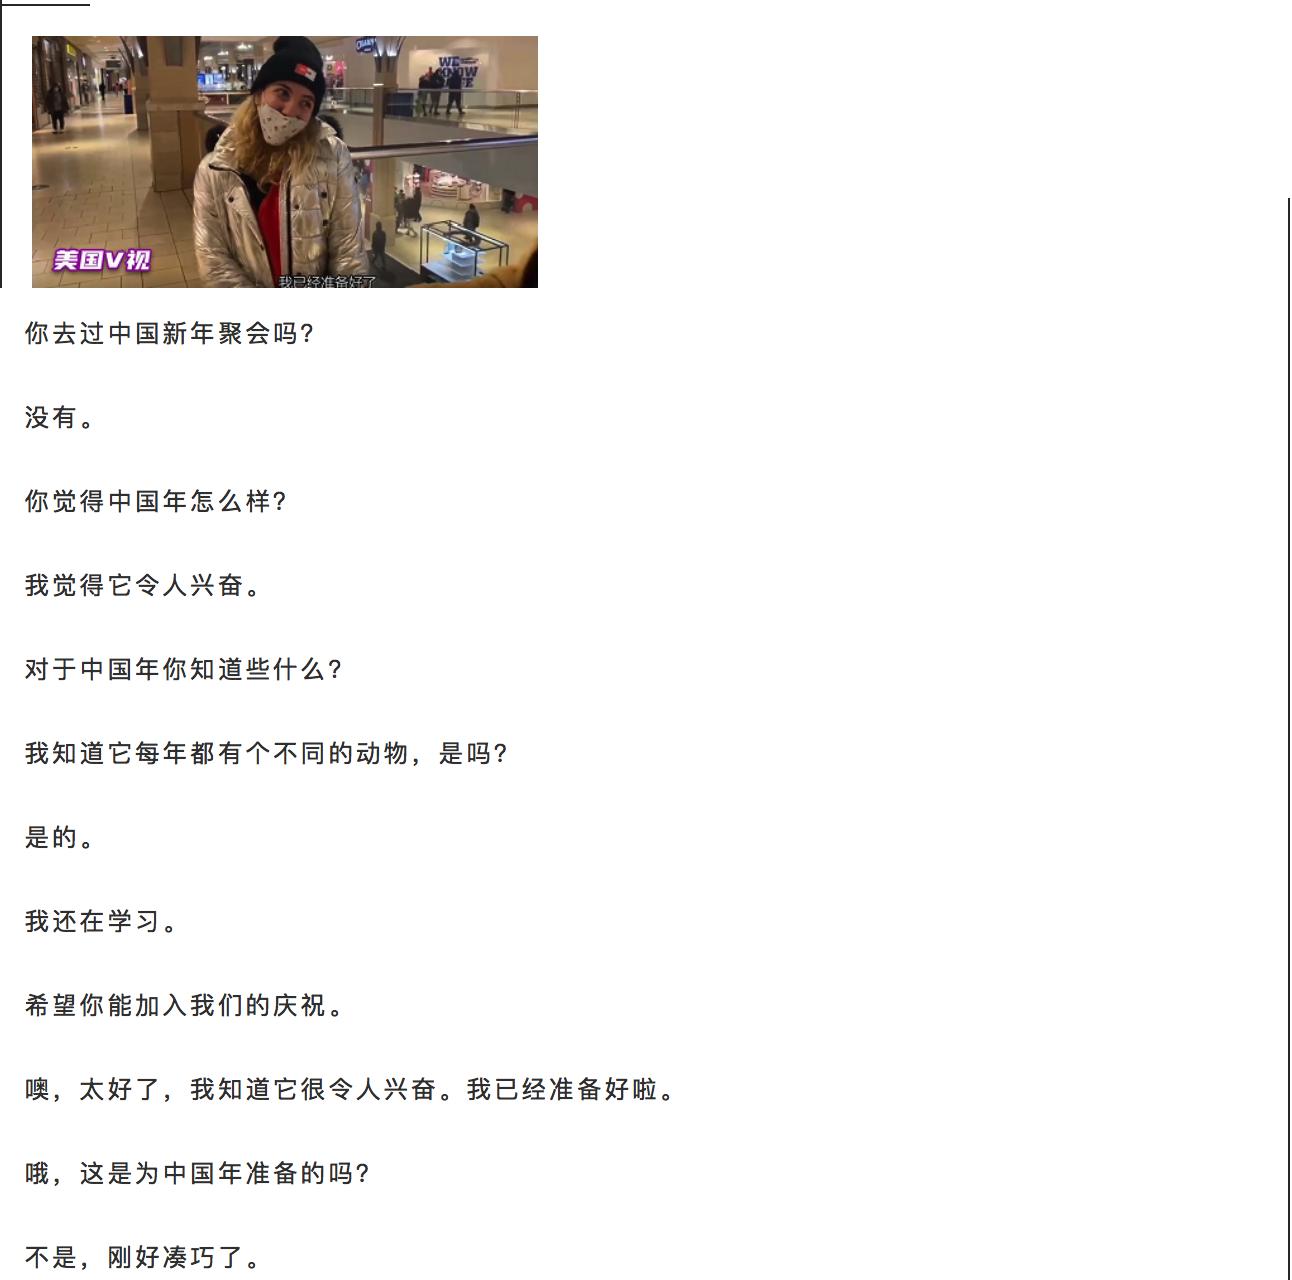 高娓娓:美国人对春节的蜜汁迷惑:中国人太财迷?新年为啥要恭喜发财?关于春节老美都 ..._图1-7